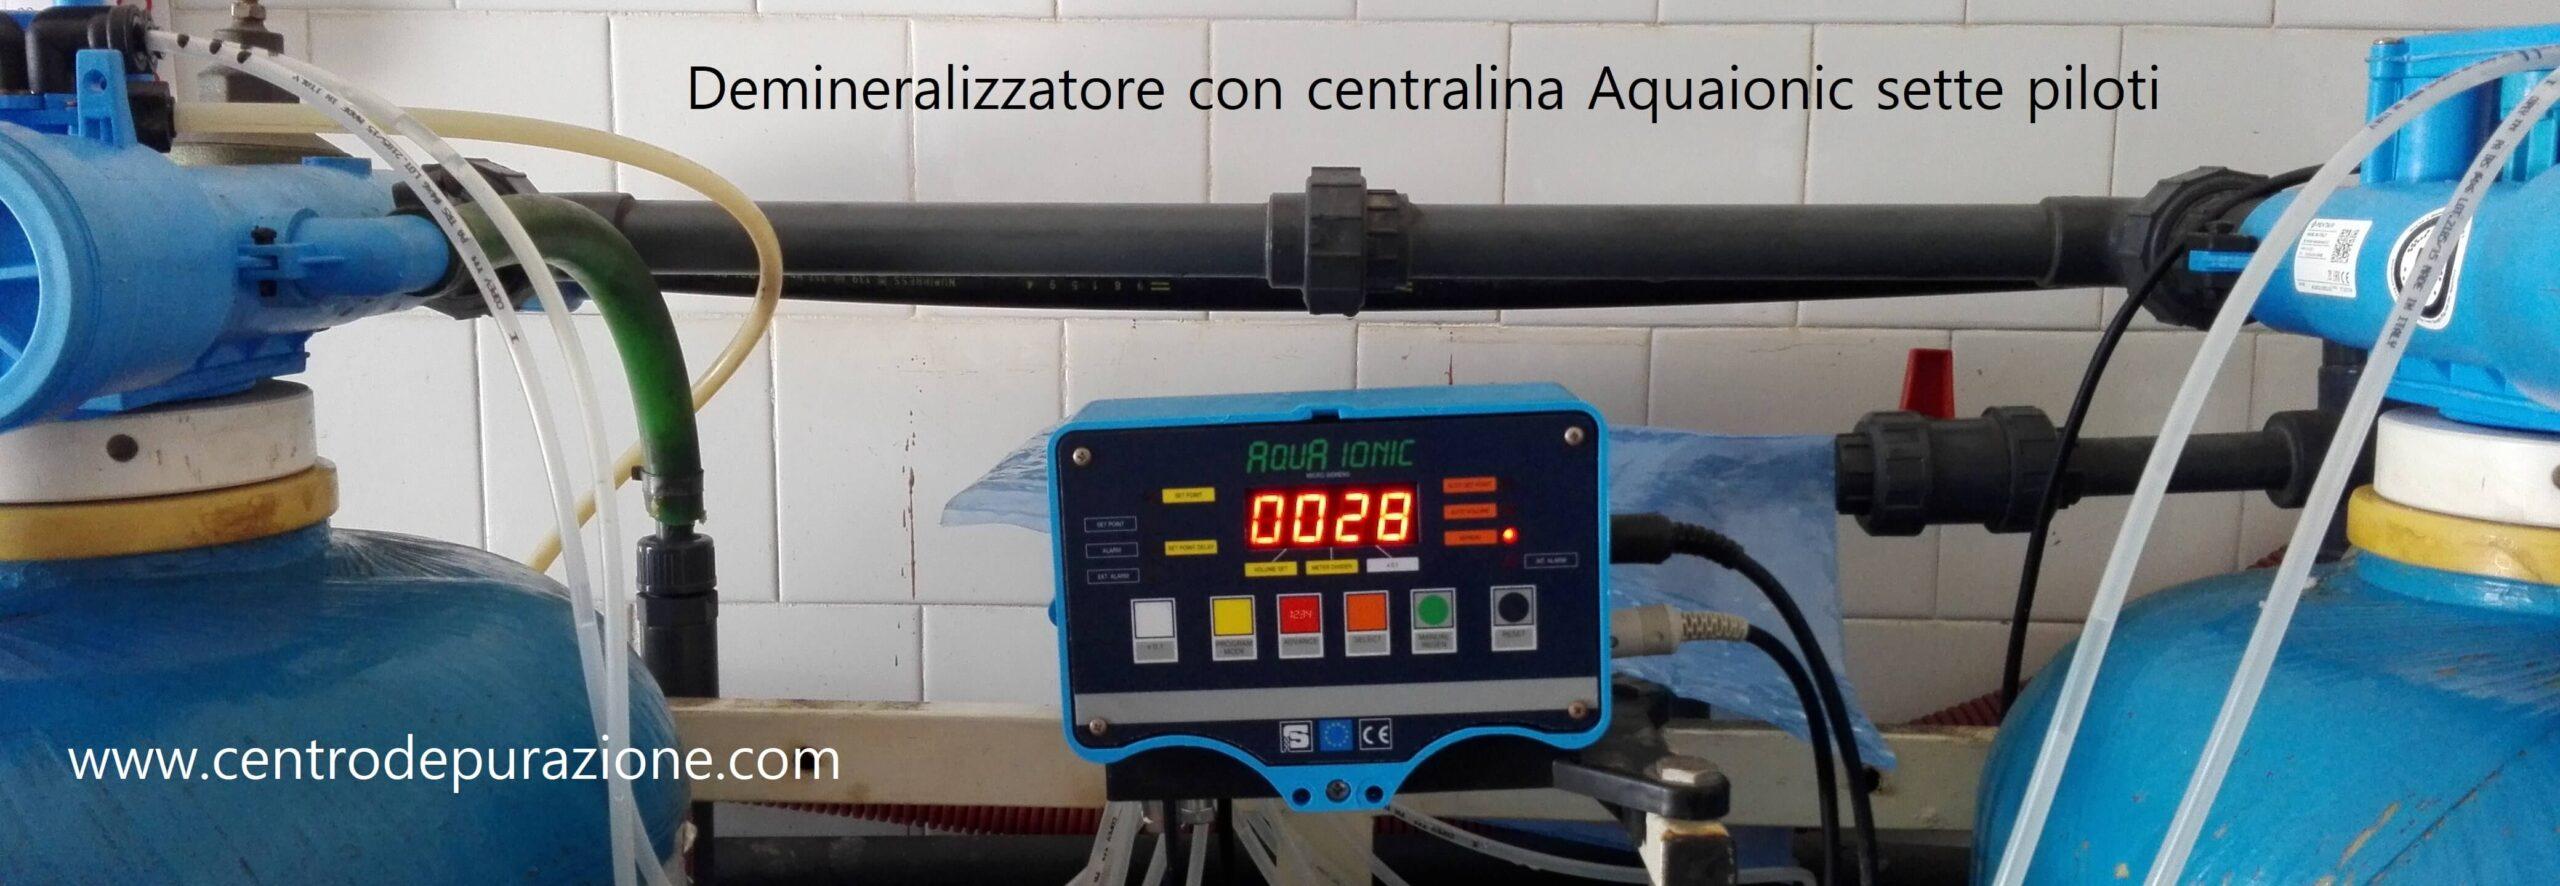 Demineralizzatore con Aquaionic 7 piloti